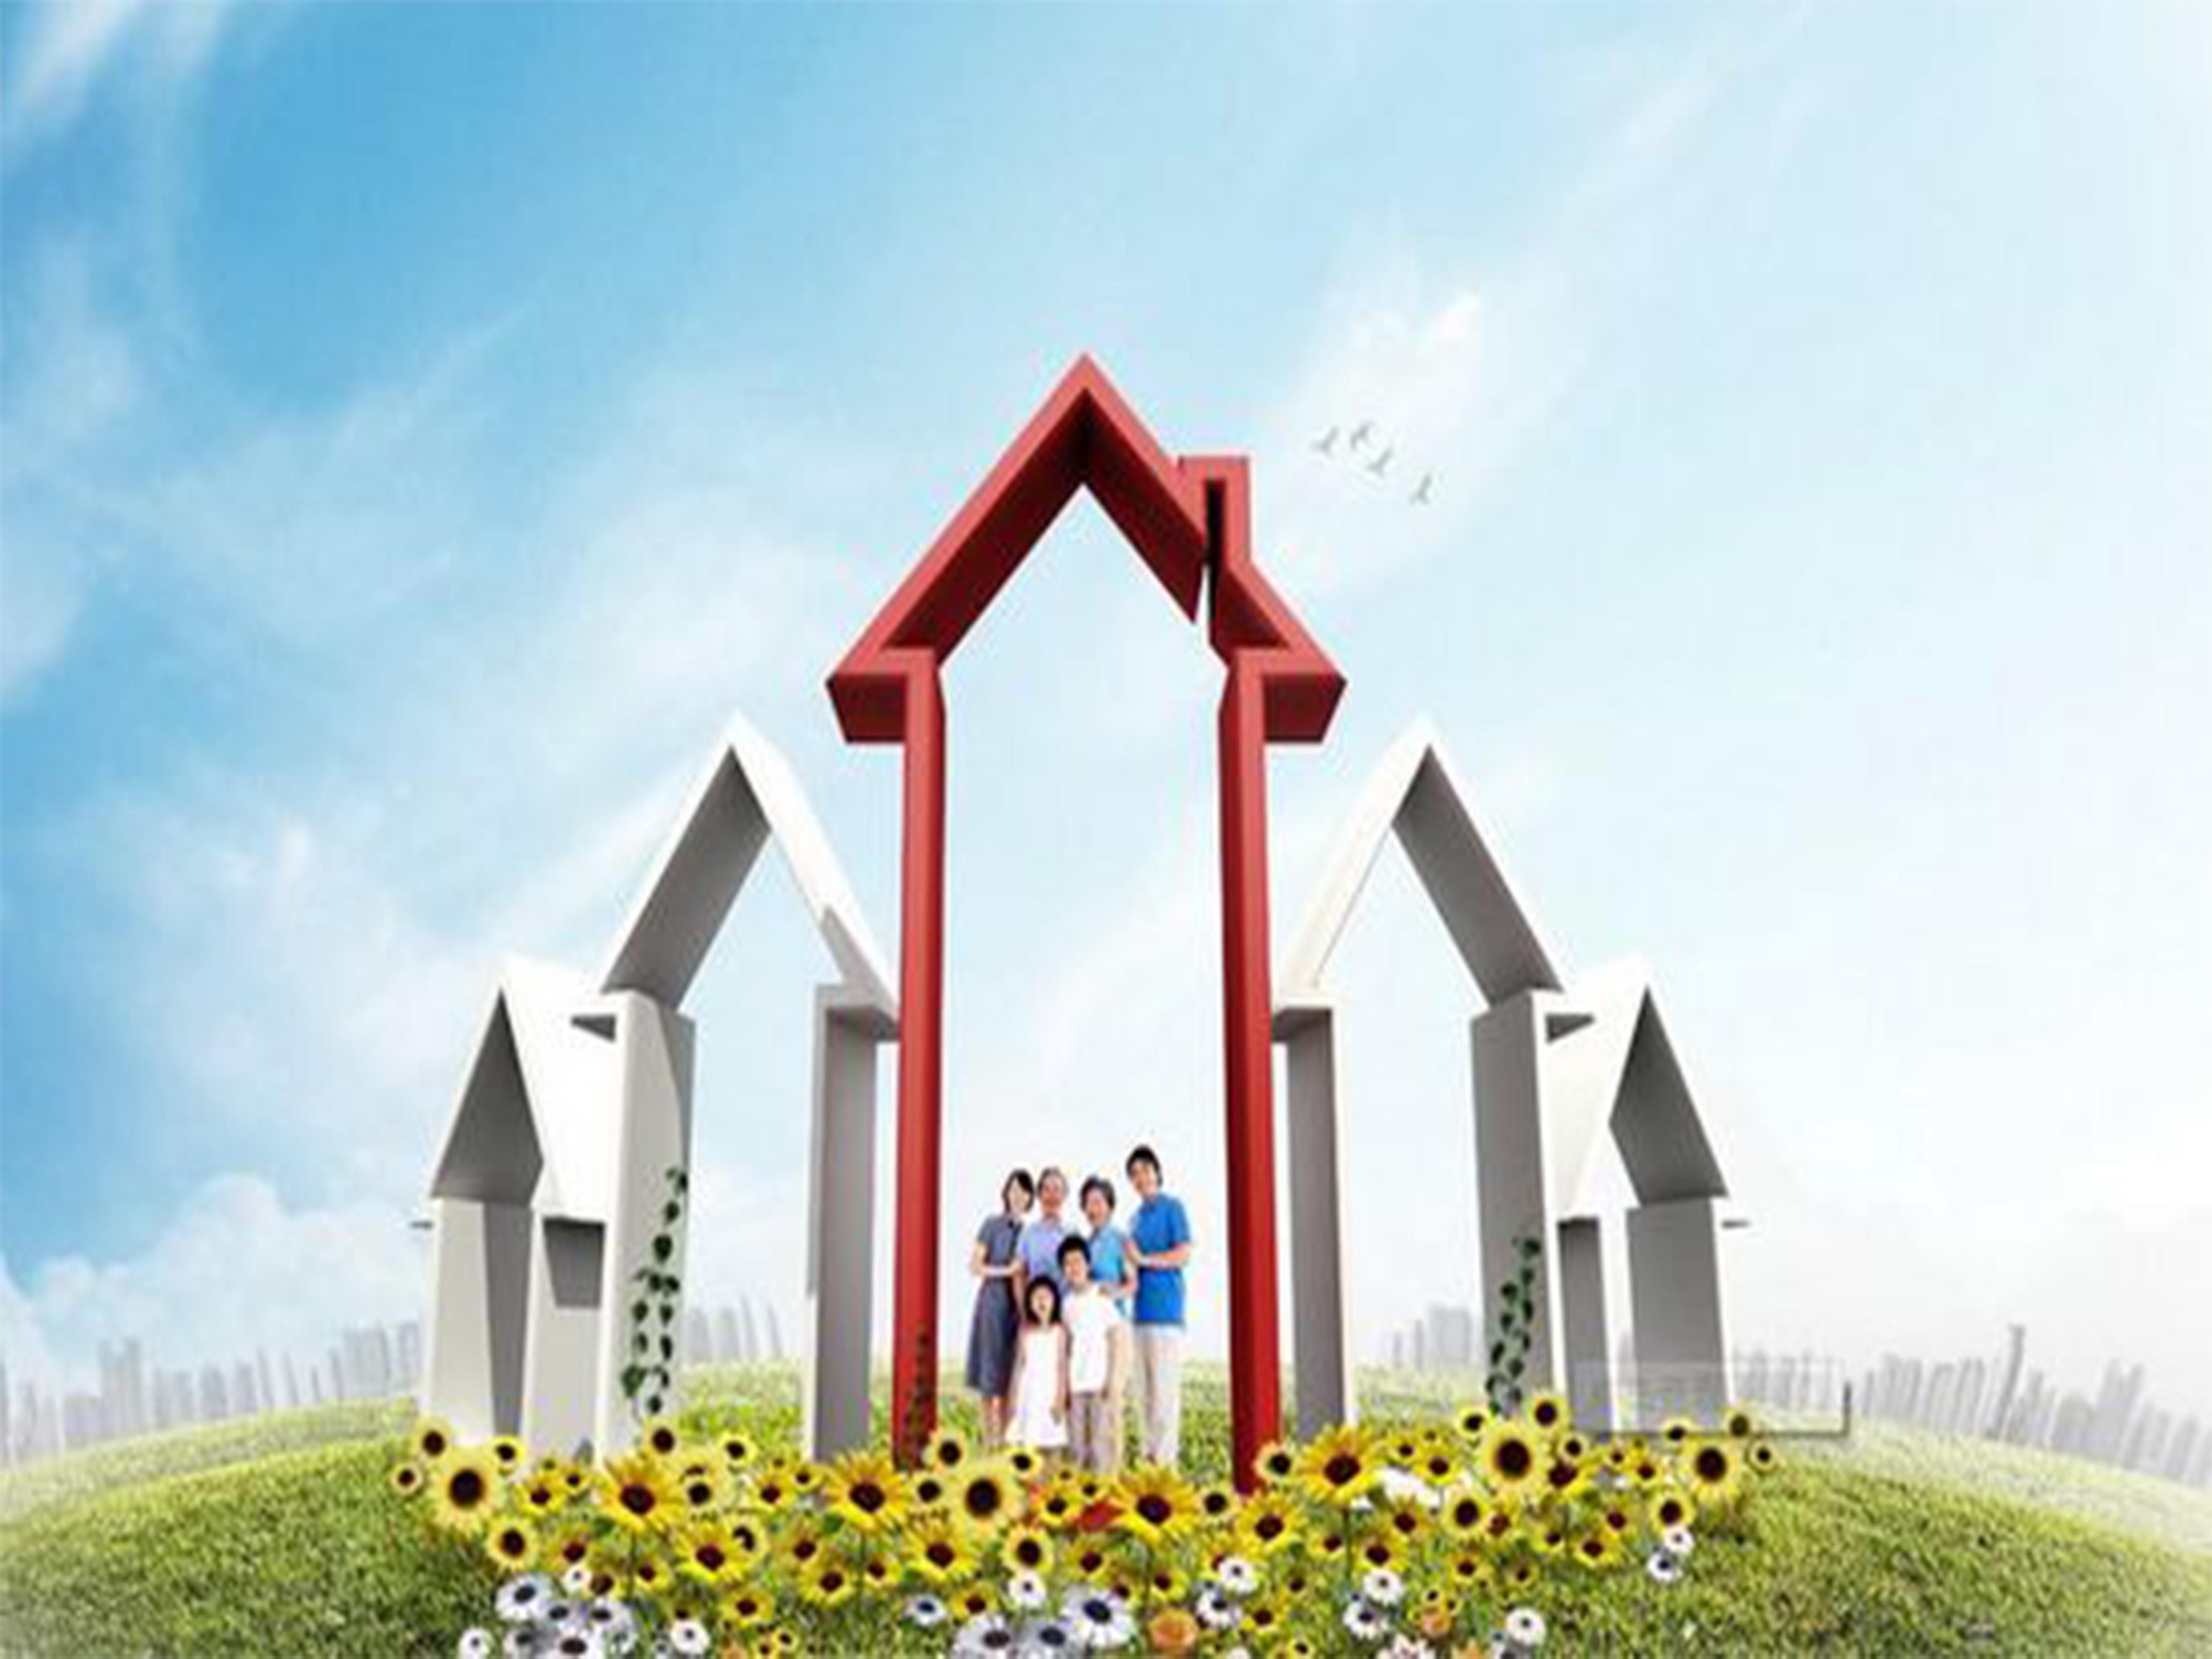 住房城乡建设部关于加强生态修复